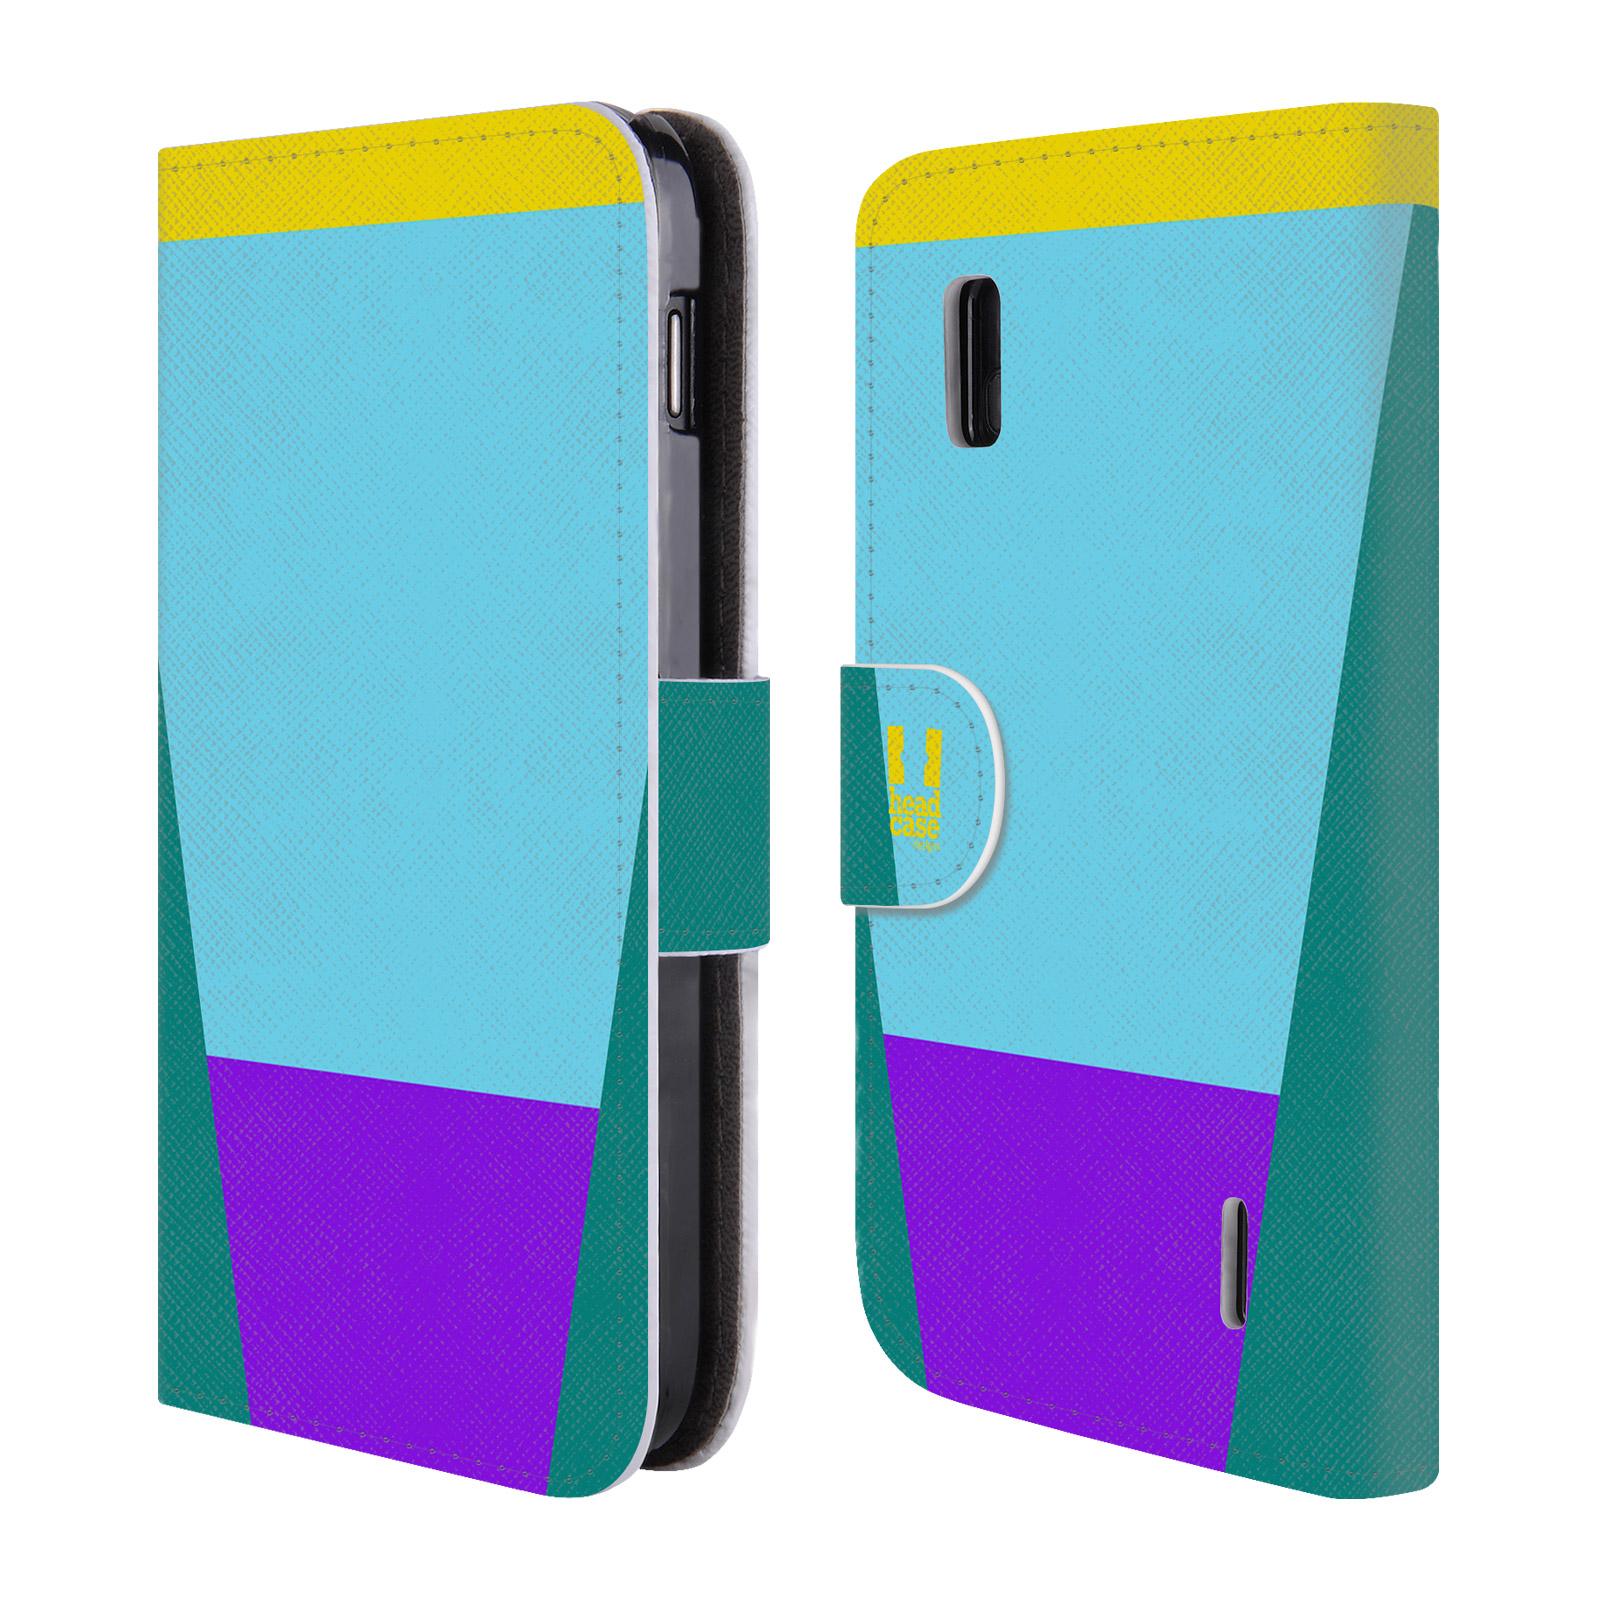 HEAD CASE Flipové pouzdro pro mobil LG NEXUS 4 barevné tvary nebesky modrá